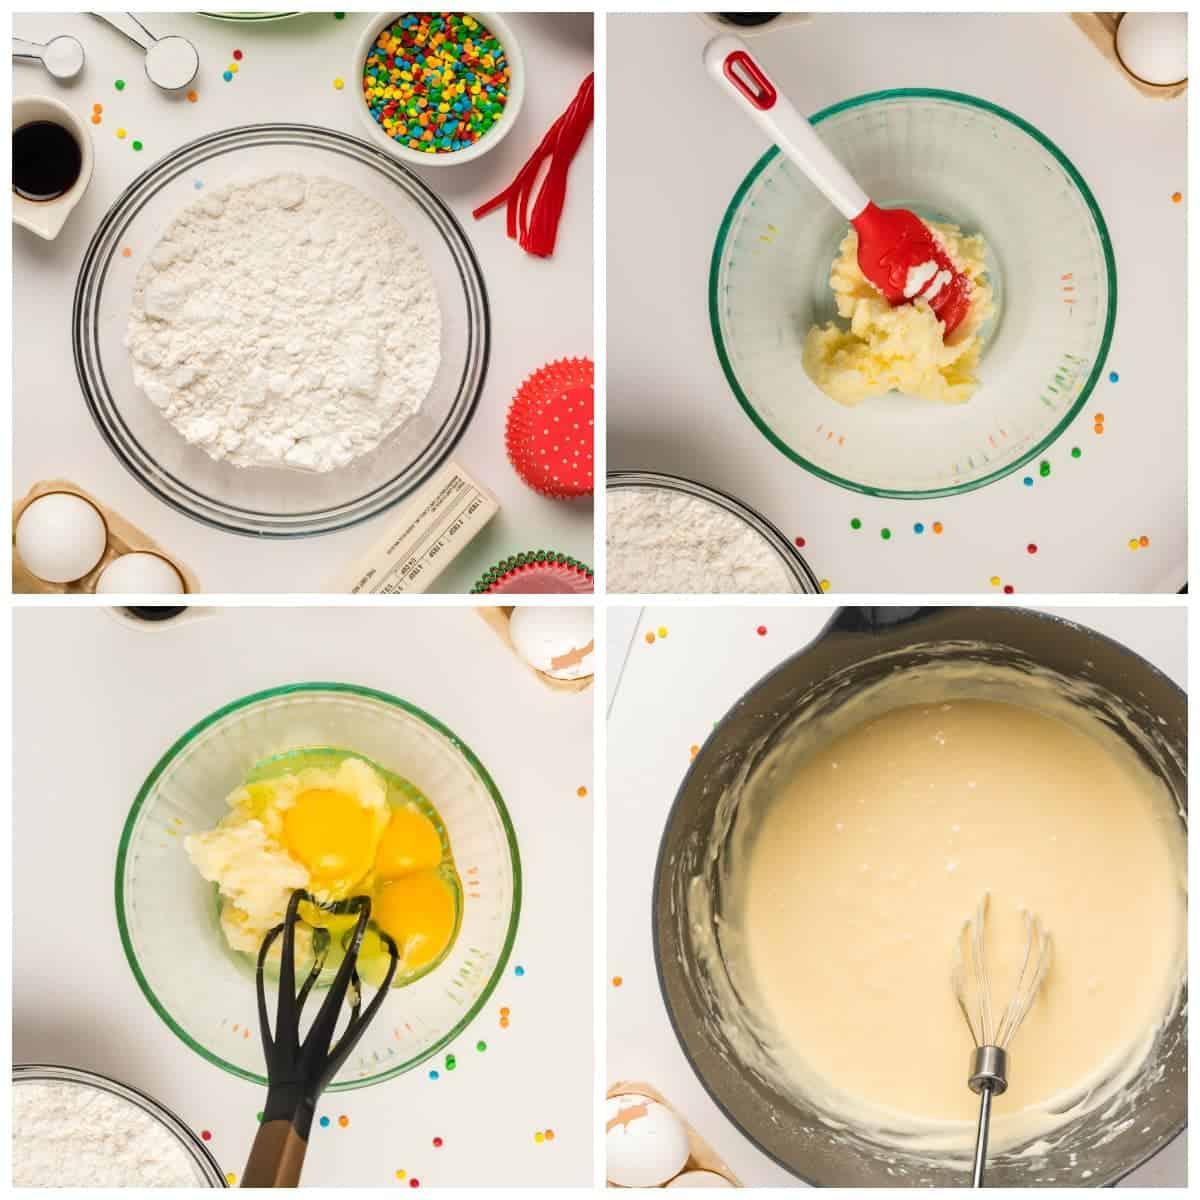 Cuatro fotos de proceso.  Primero, seque los ingredientes en un tazón con chispas y algunos ingredientes húmedos a un lado.  El segundo, la mantequilla ablandada en un bol con una espátula roja.  Tercero, huevos y azúcar añadidos a la mantequilla.  Cuarto, todo mezclado en un tazón grande.